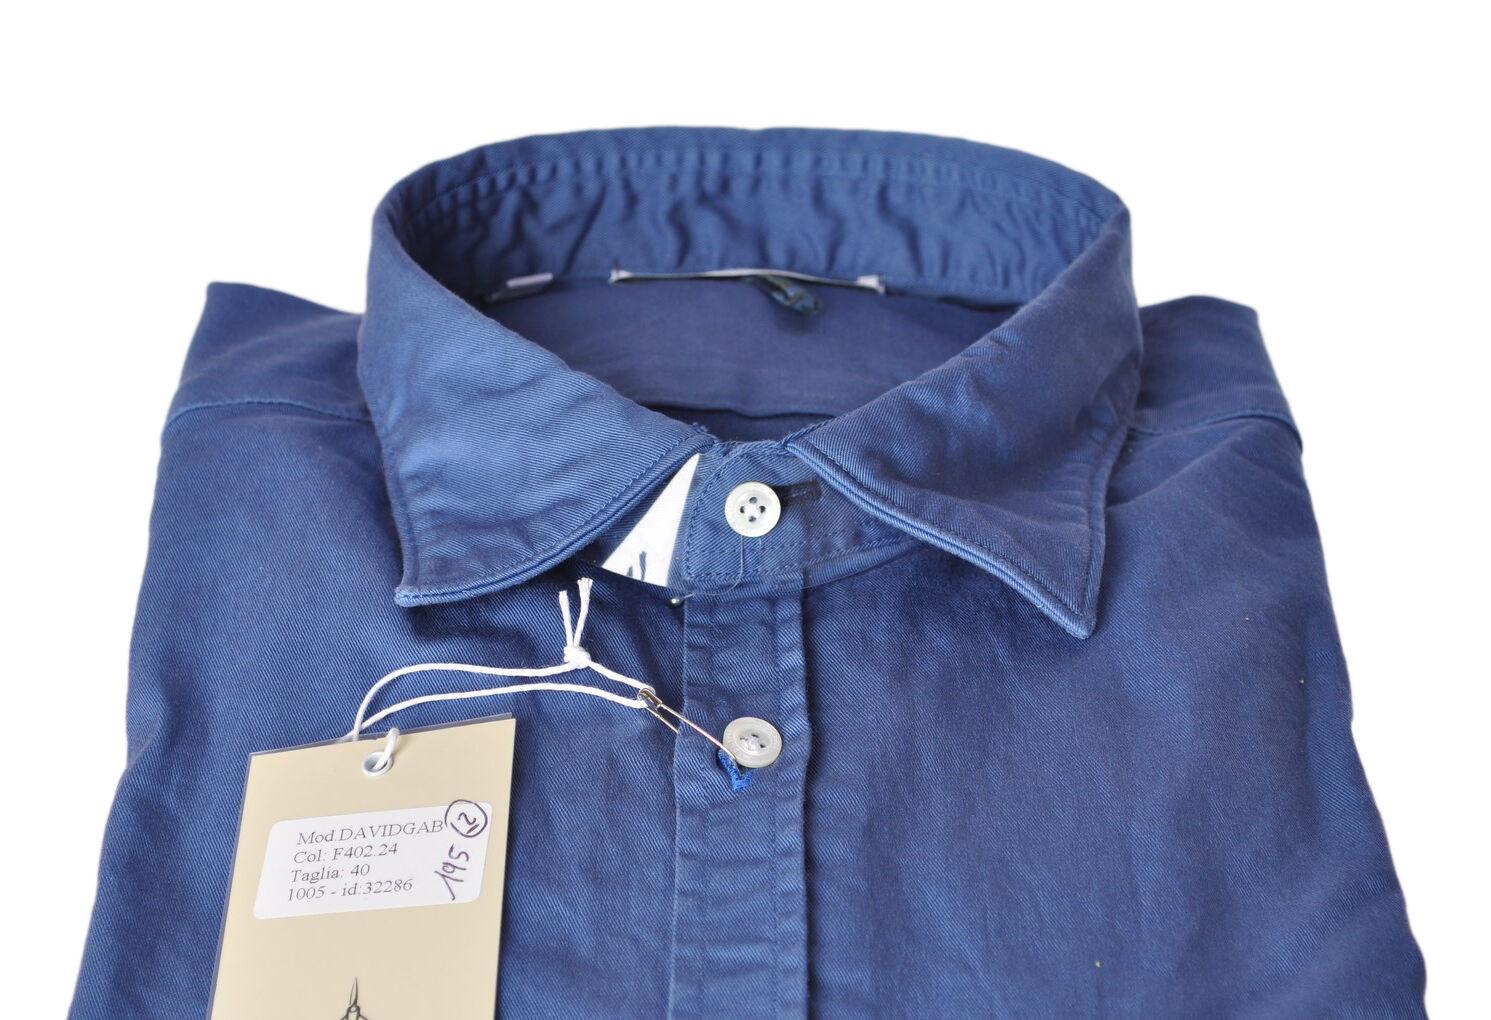 Aglini  -  Hemden Blau - Männchen - Blau Hemden - 258927A184652 2b049e